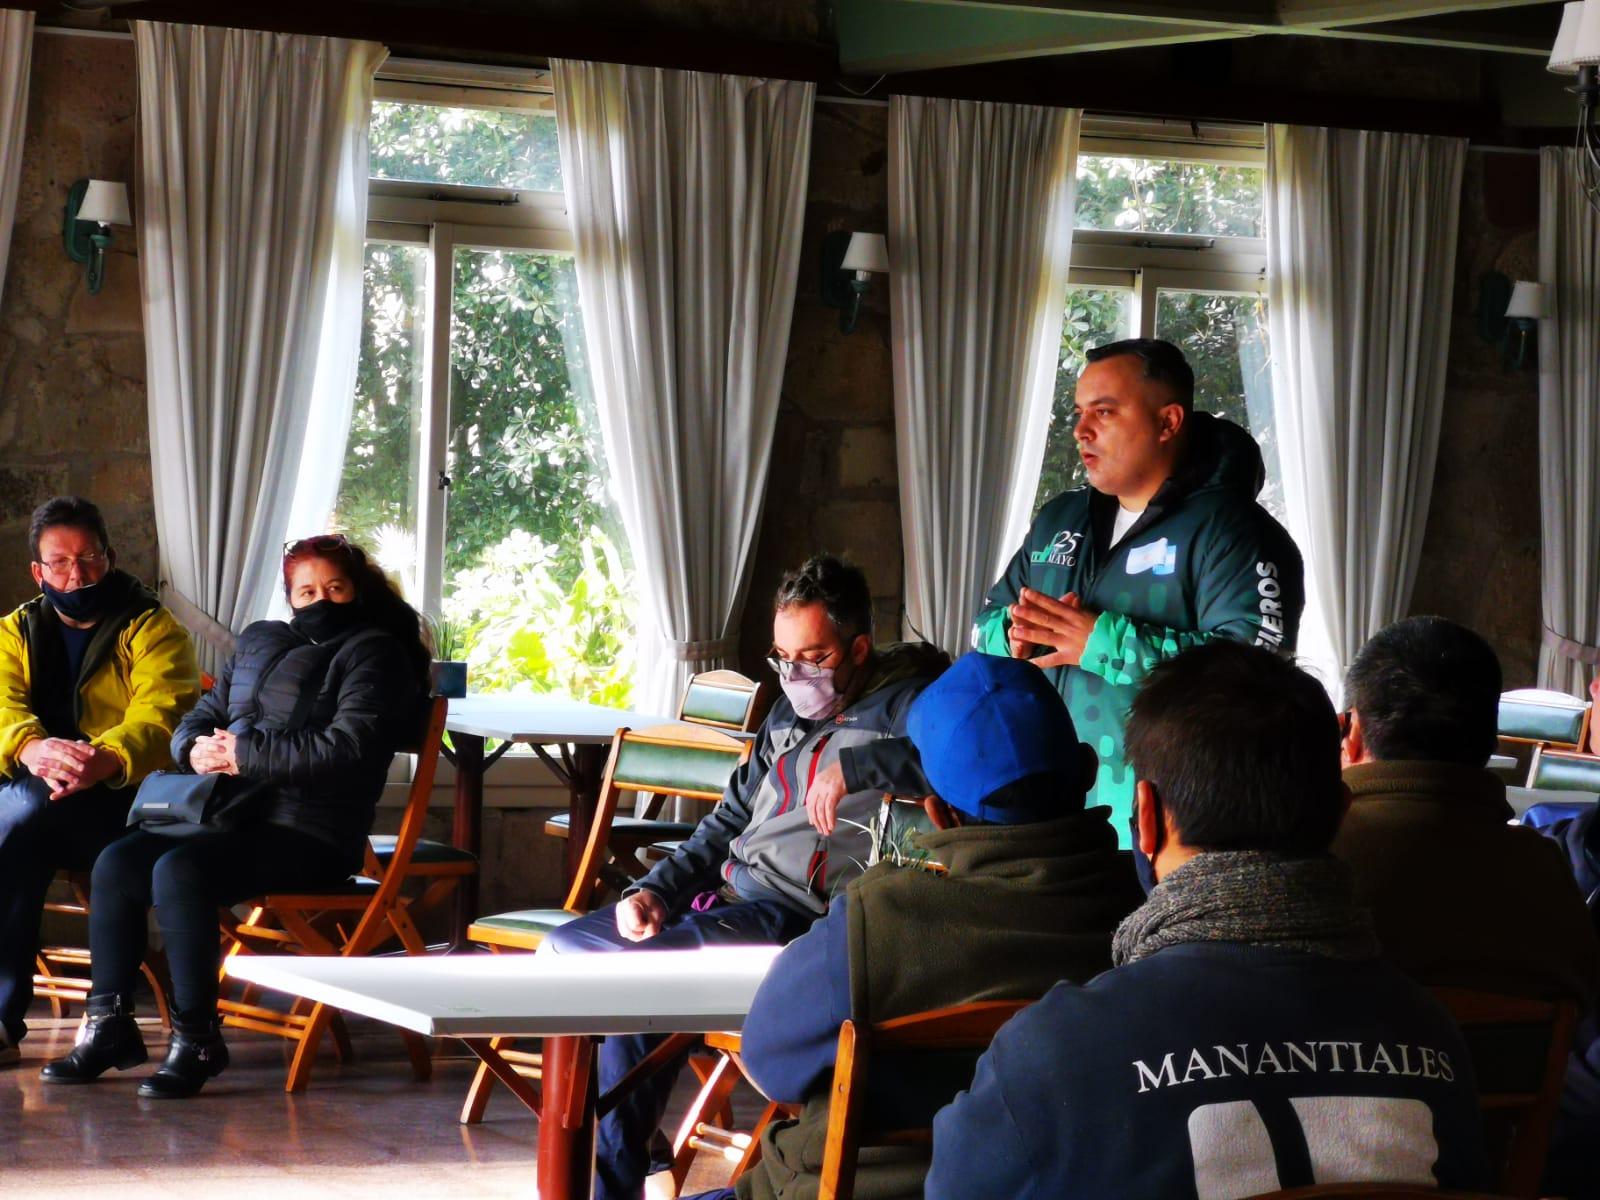 Torres de Manantiales: incertidumbre de los trabajadores y manifestación